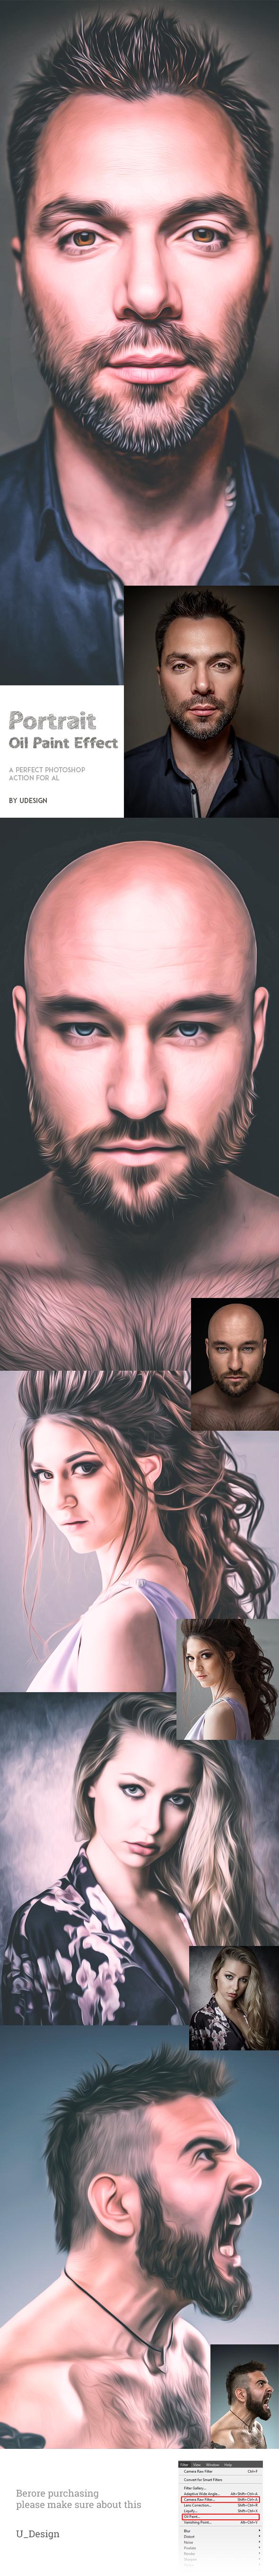 GraphicRiver Portrait Oil Paint Effect 20826363